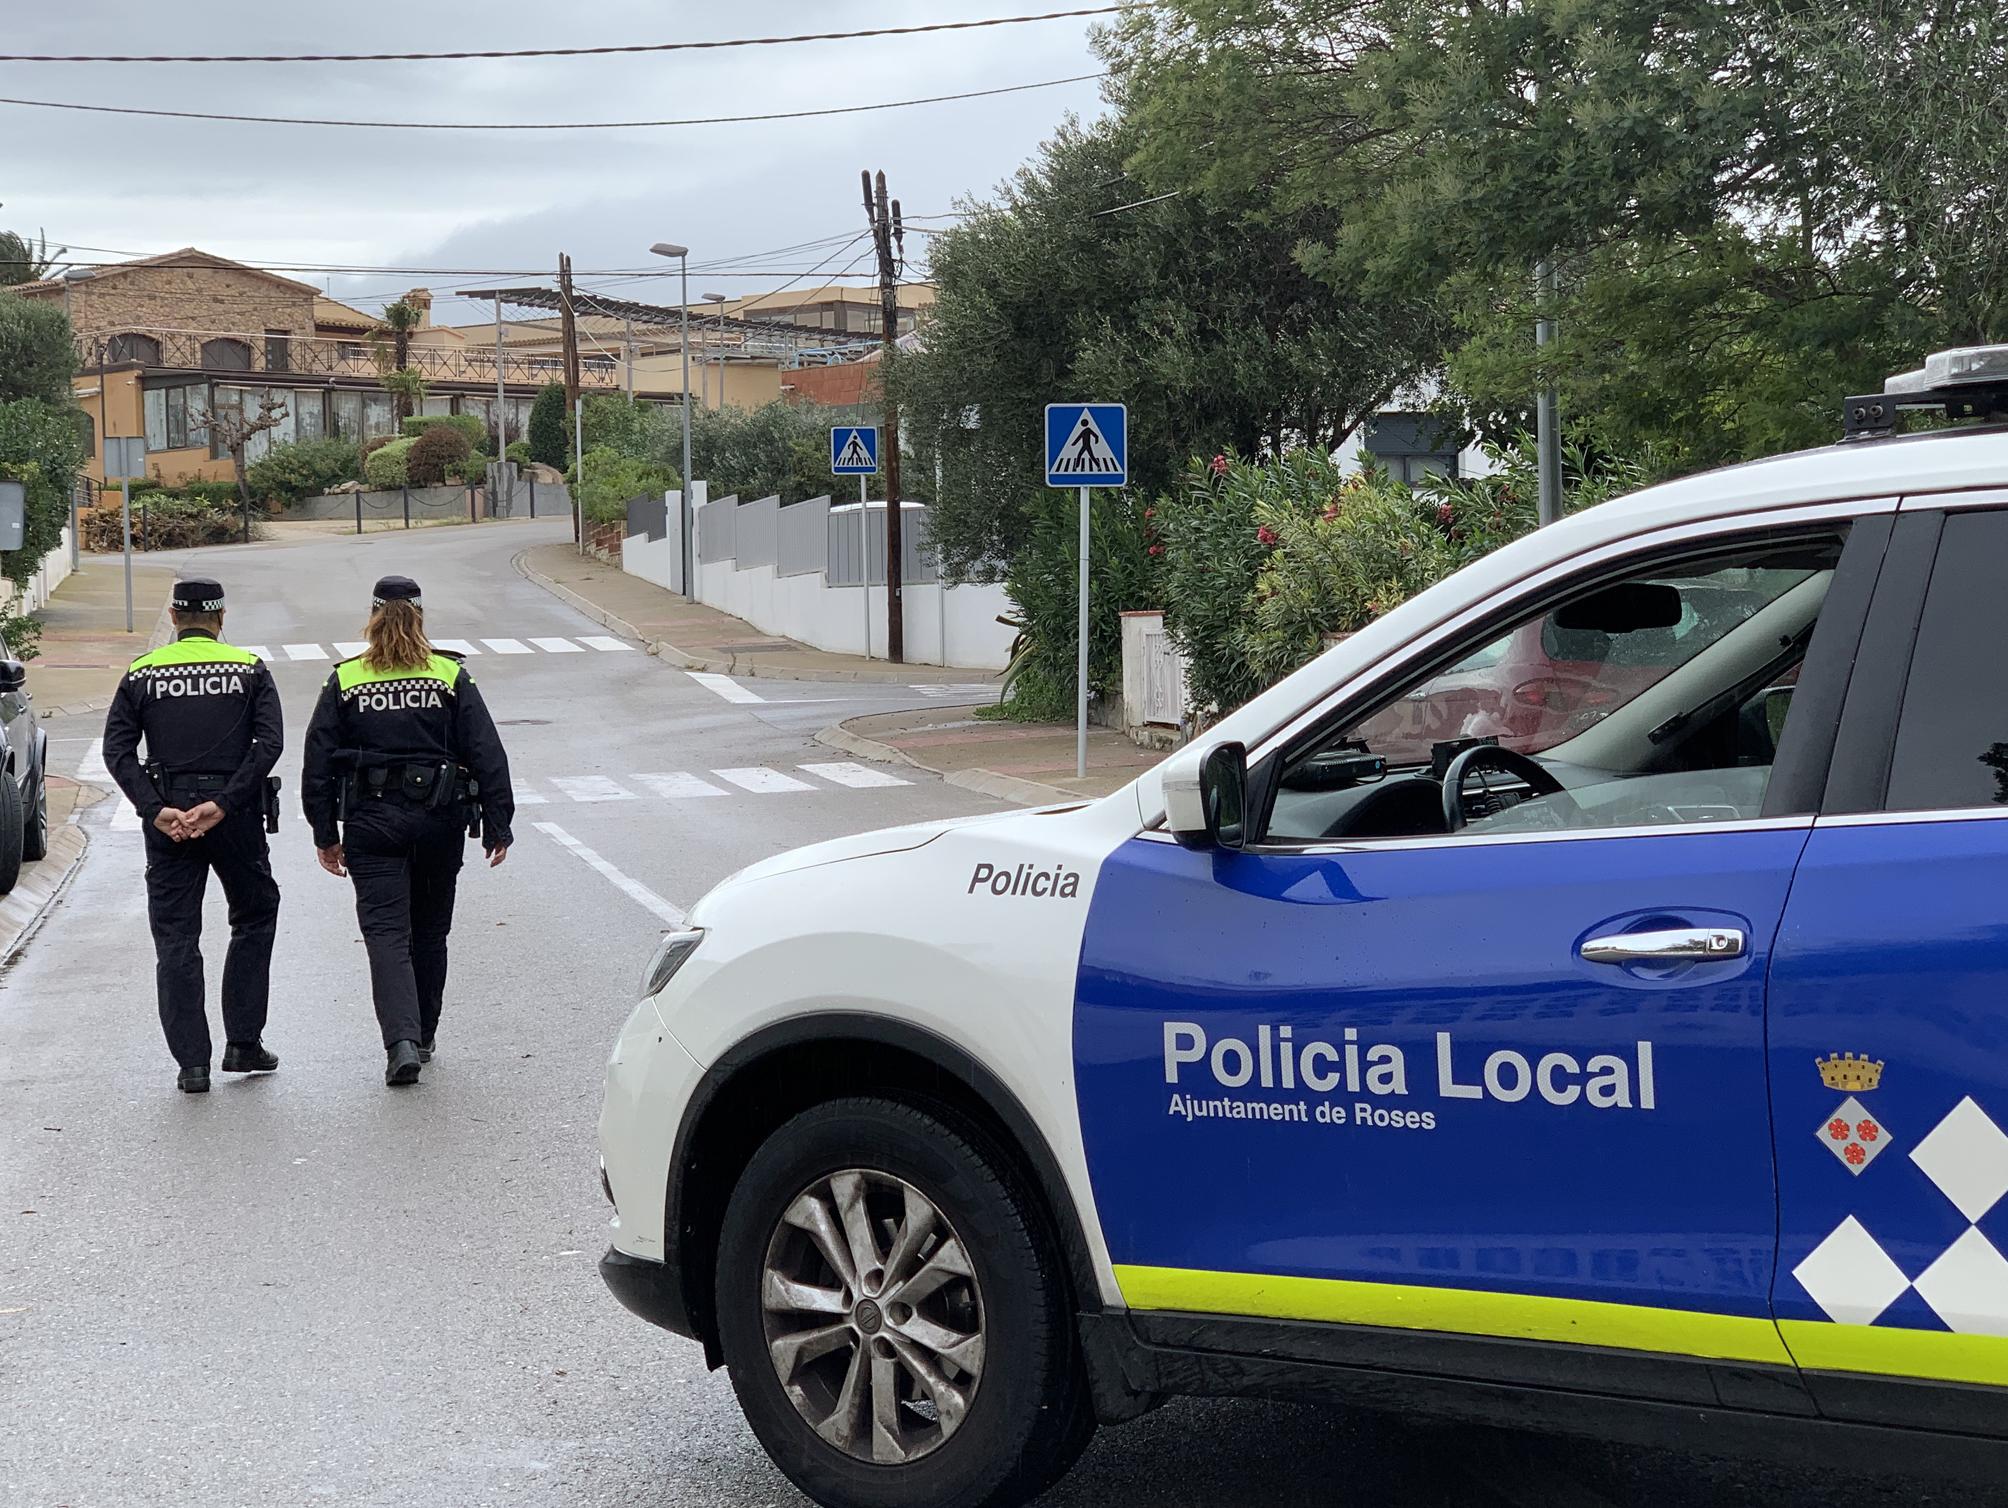 S'obre la convocatòria per contractar 7 agents de policia per a la temporada turística a Roses